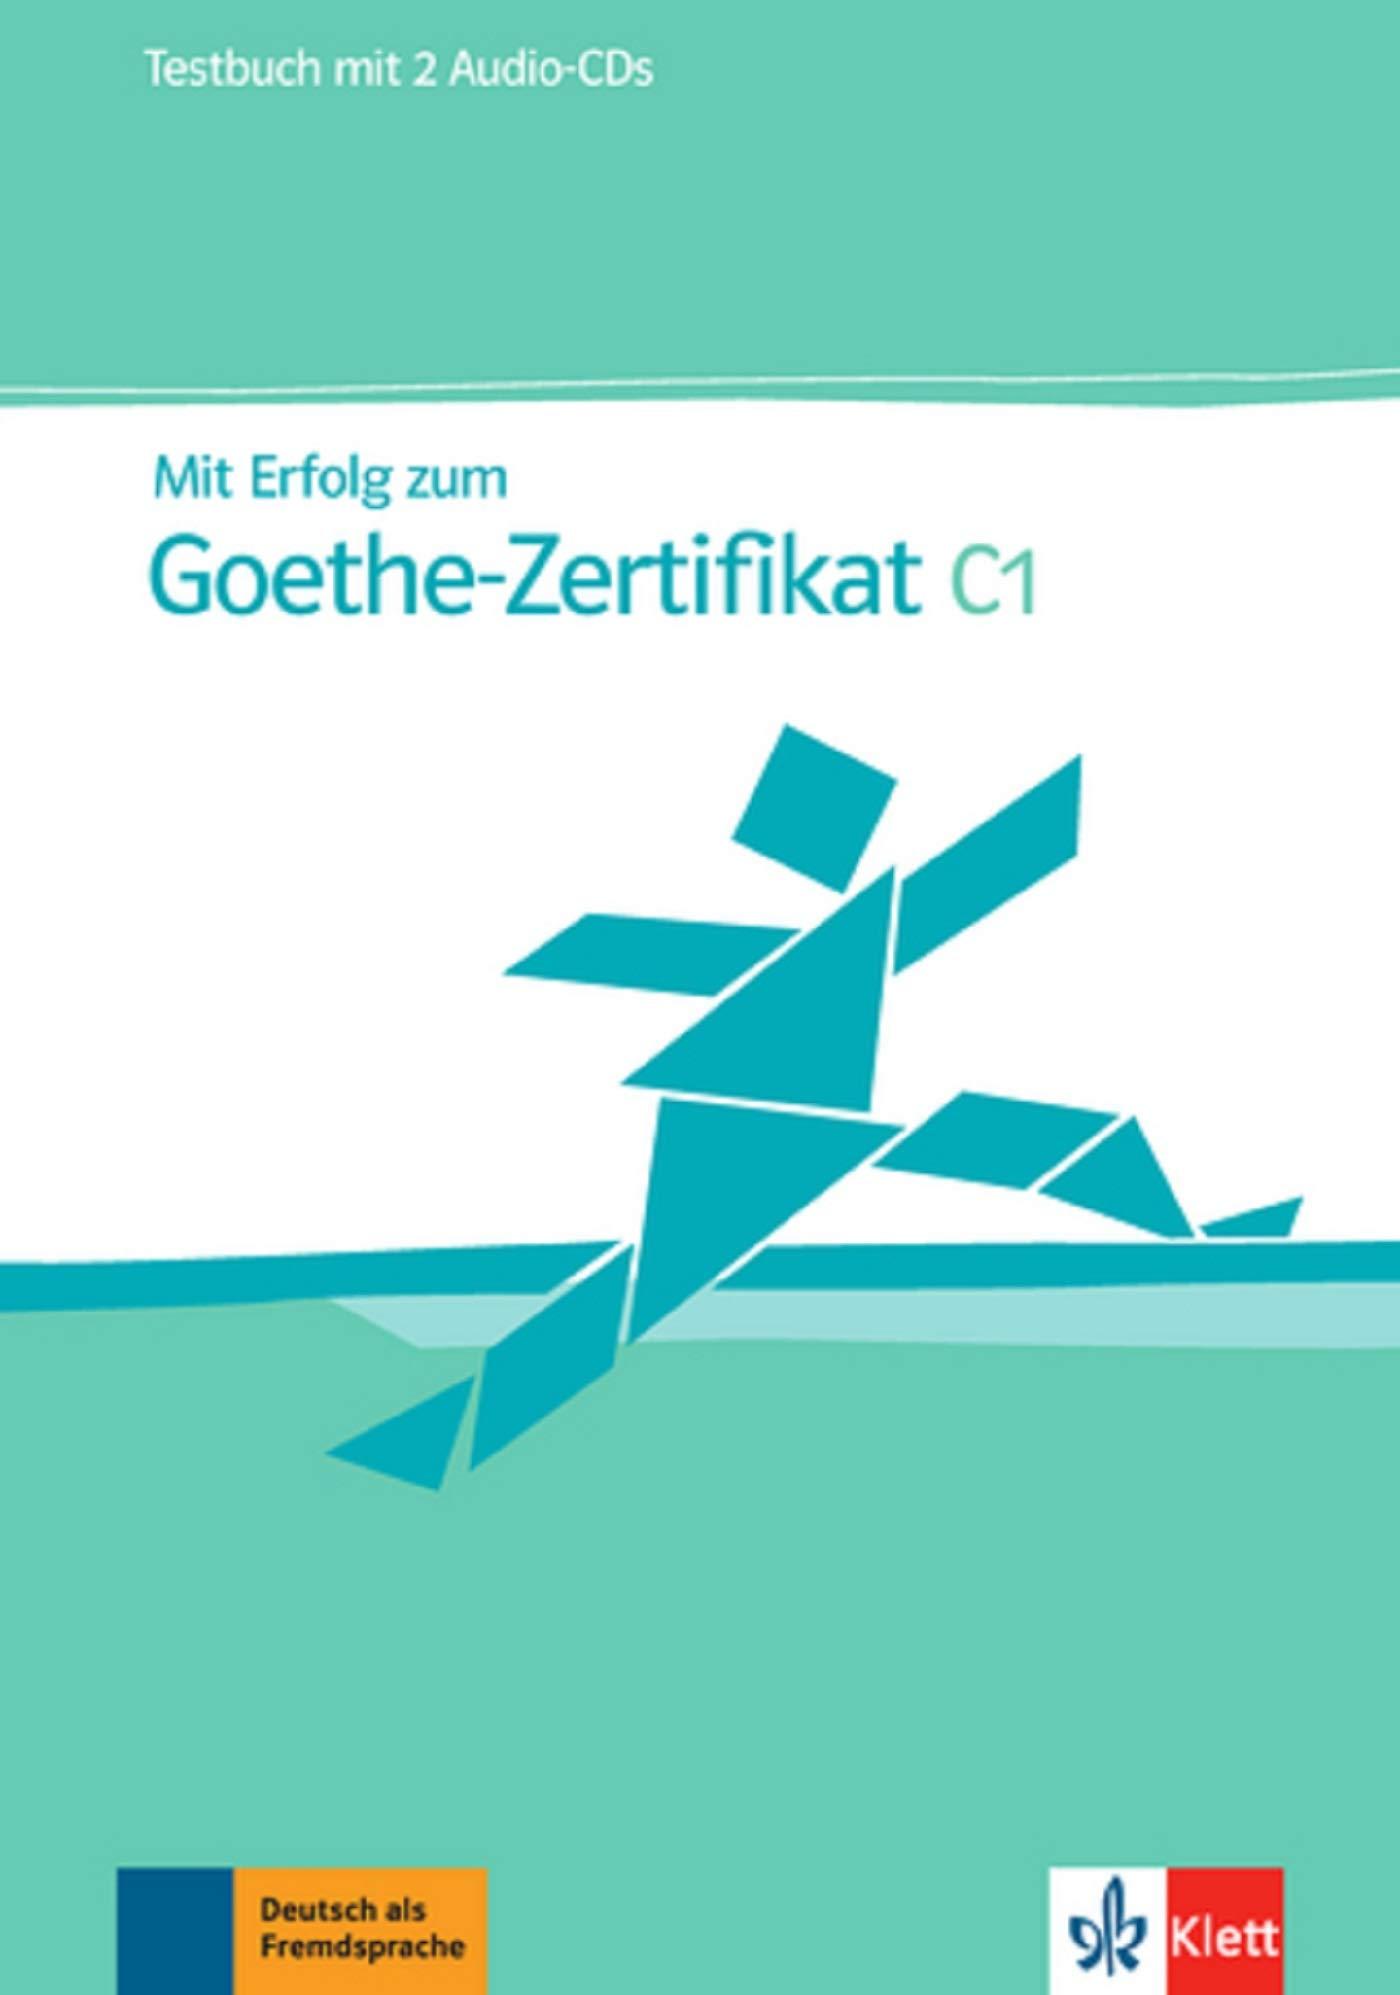 Mit Erfolg Zum Goethe Zertifikat C1 Testbuch 2 Audio Cds Amazon